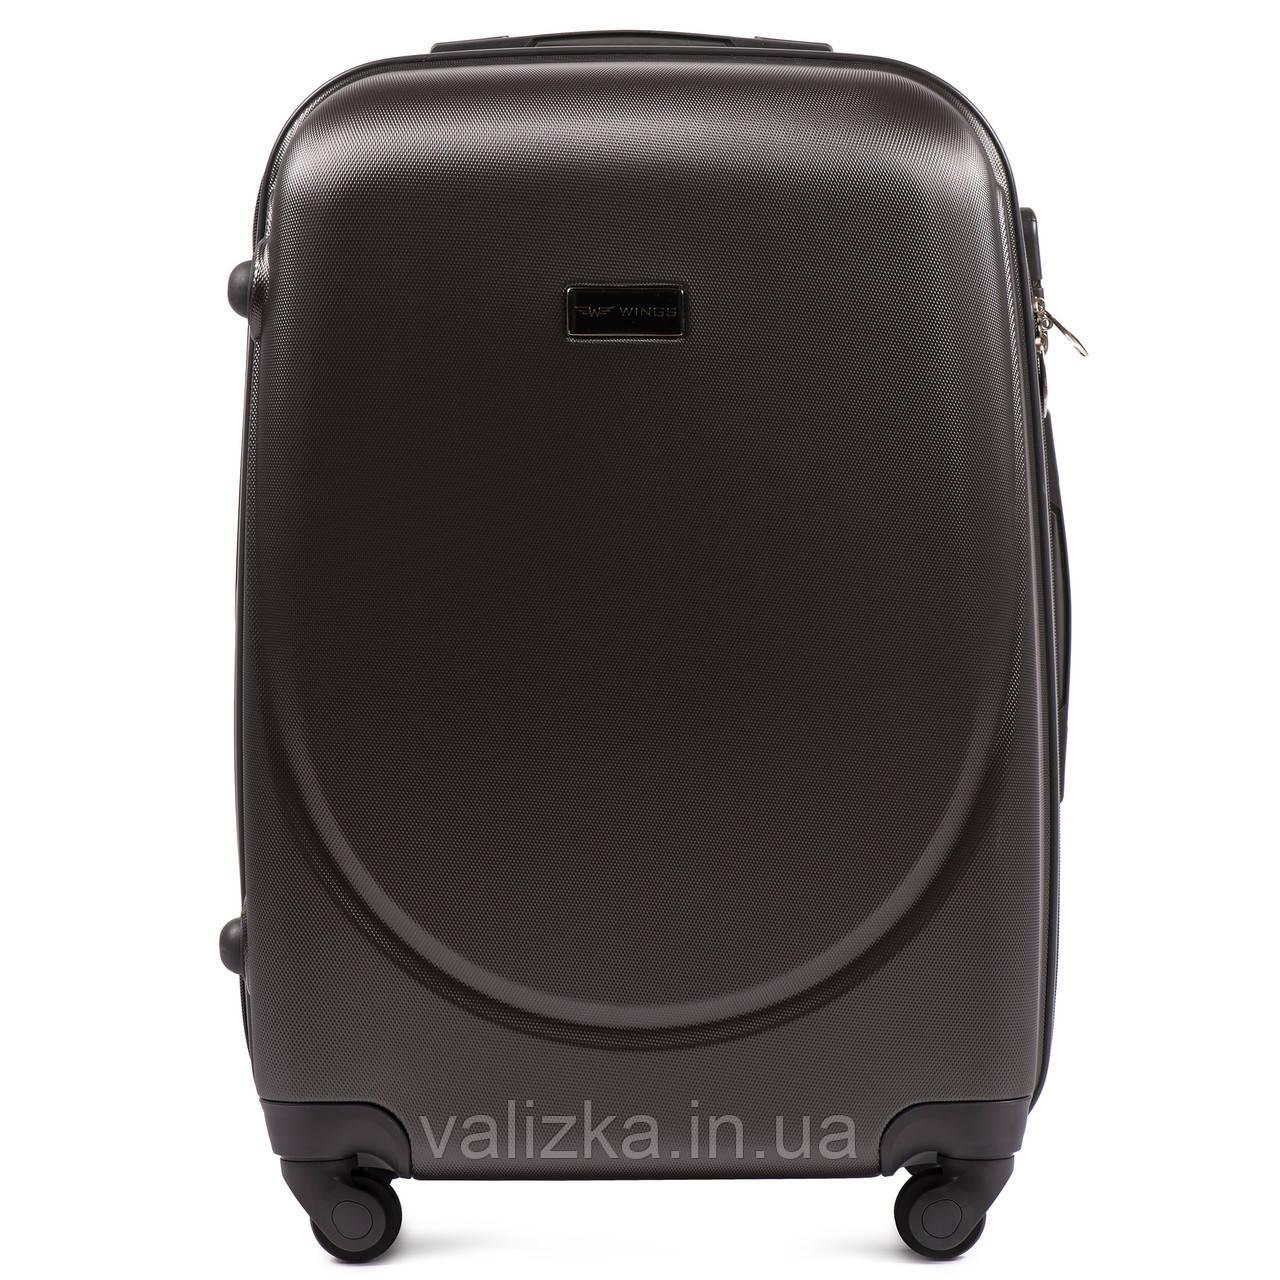 Средний пластиковый чемодан с фурнитурой в цвет темно-серый